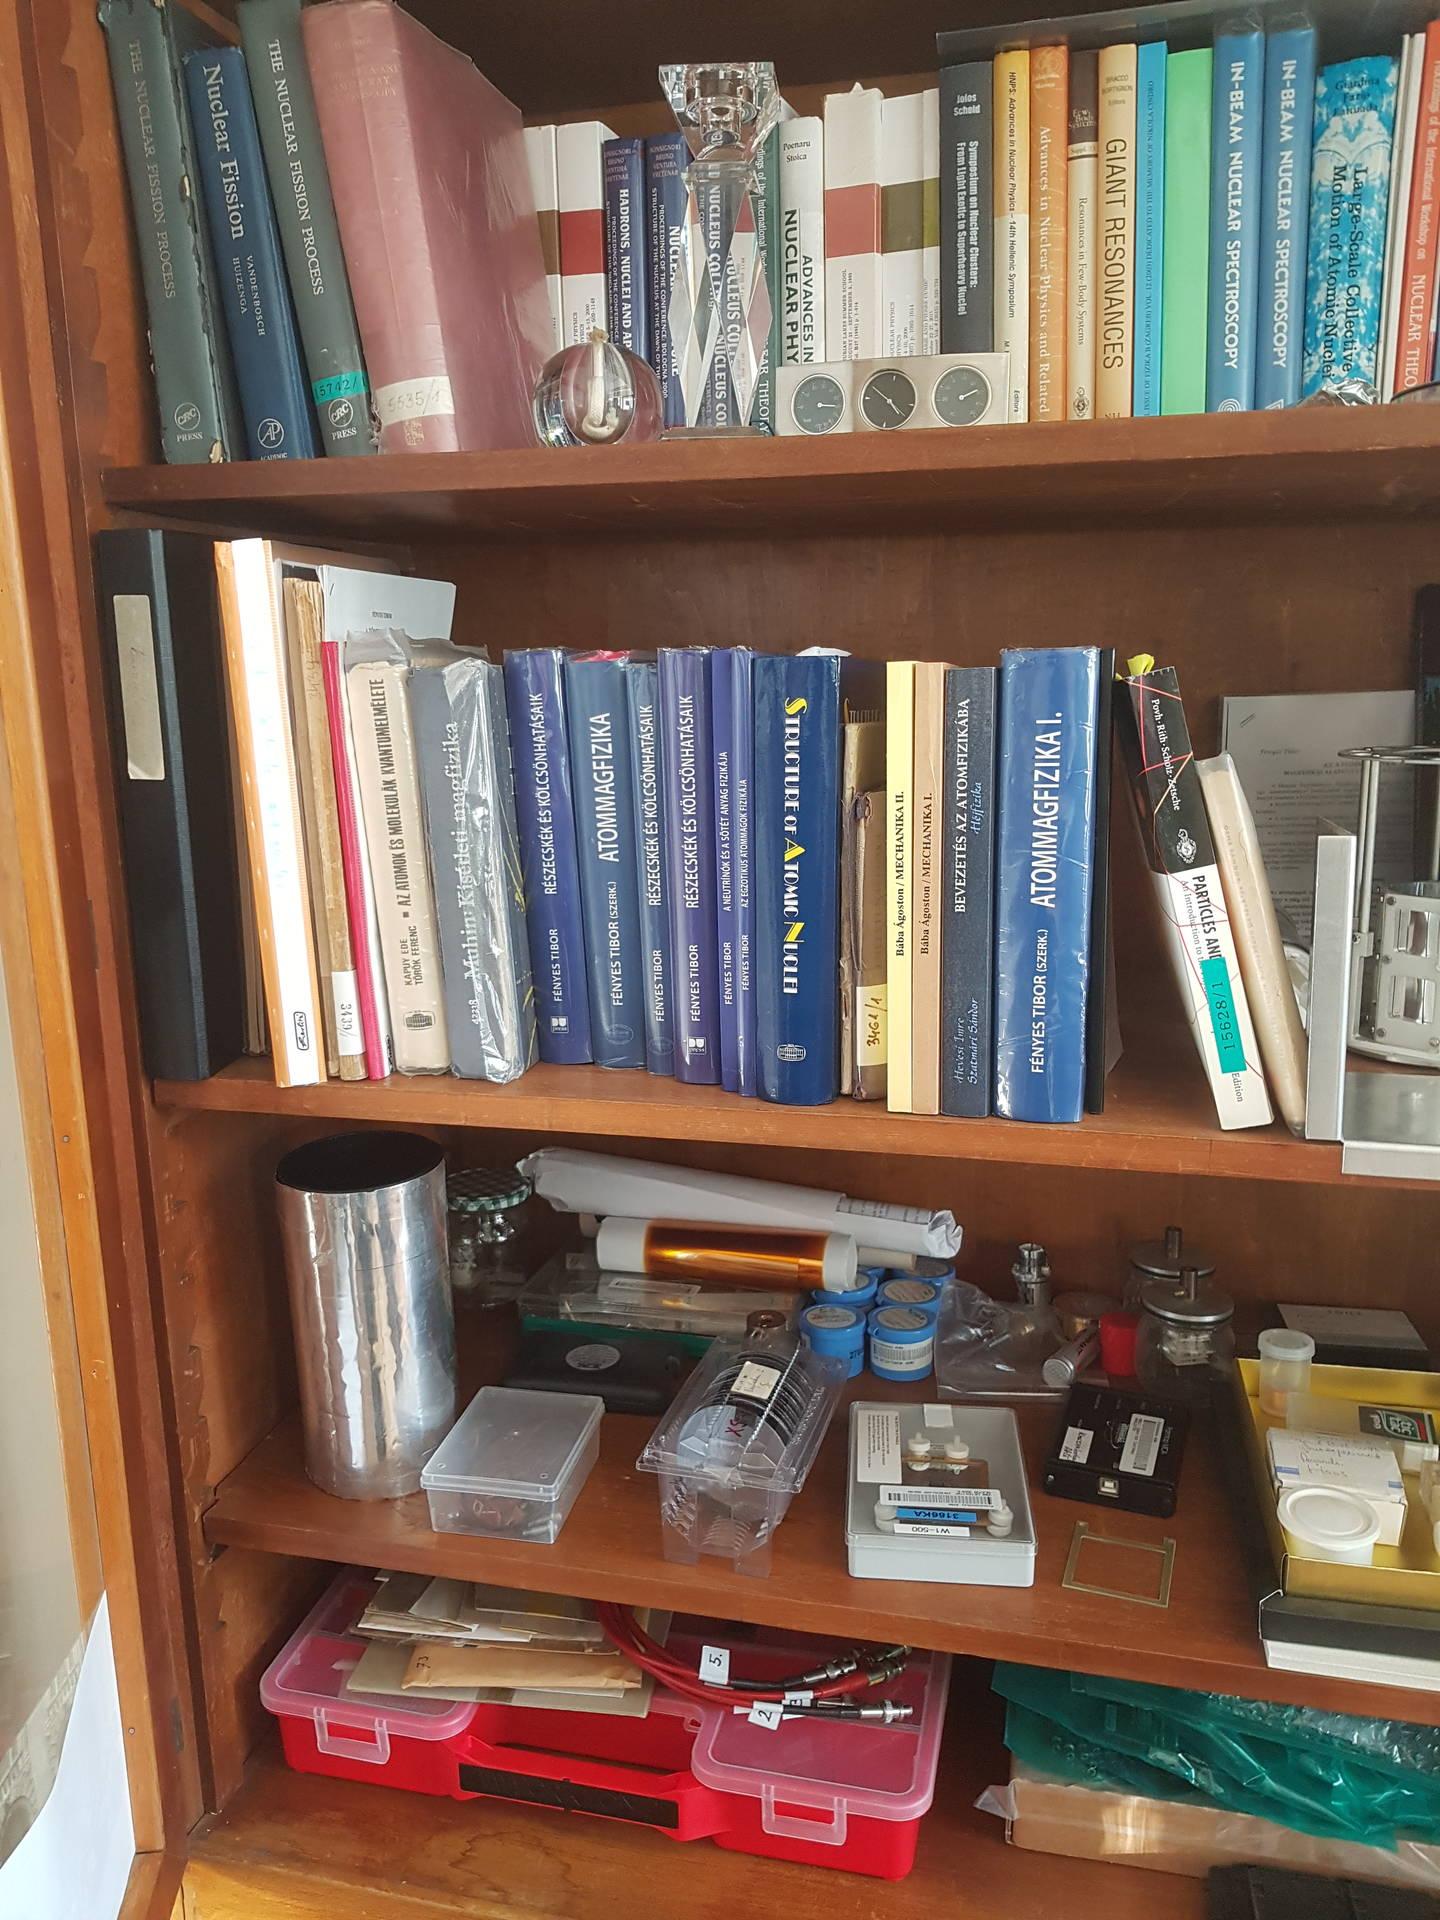 In Attila Krasznahorkays Bücherregal findet sich alles, was ein X17-Jäger braucht: ungarische und englische Fachliteratur sowie jede Menge Elektronik.